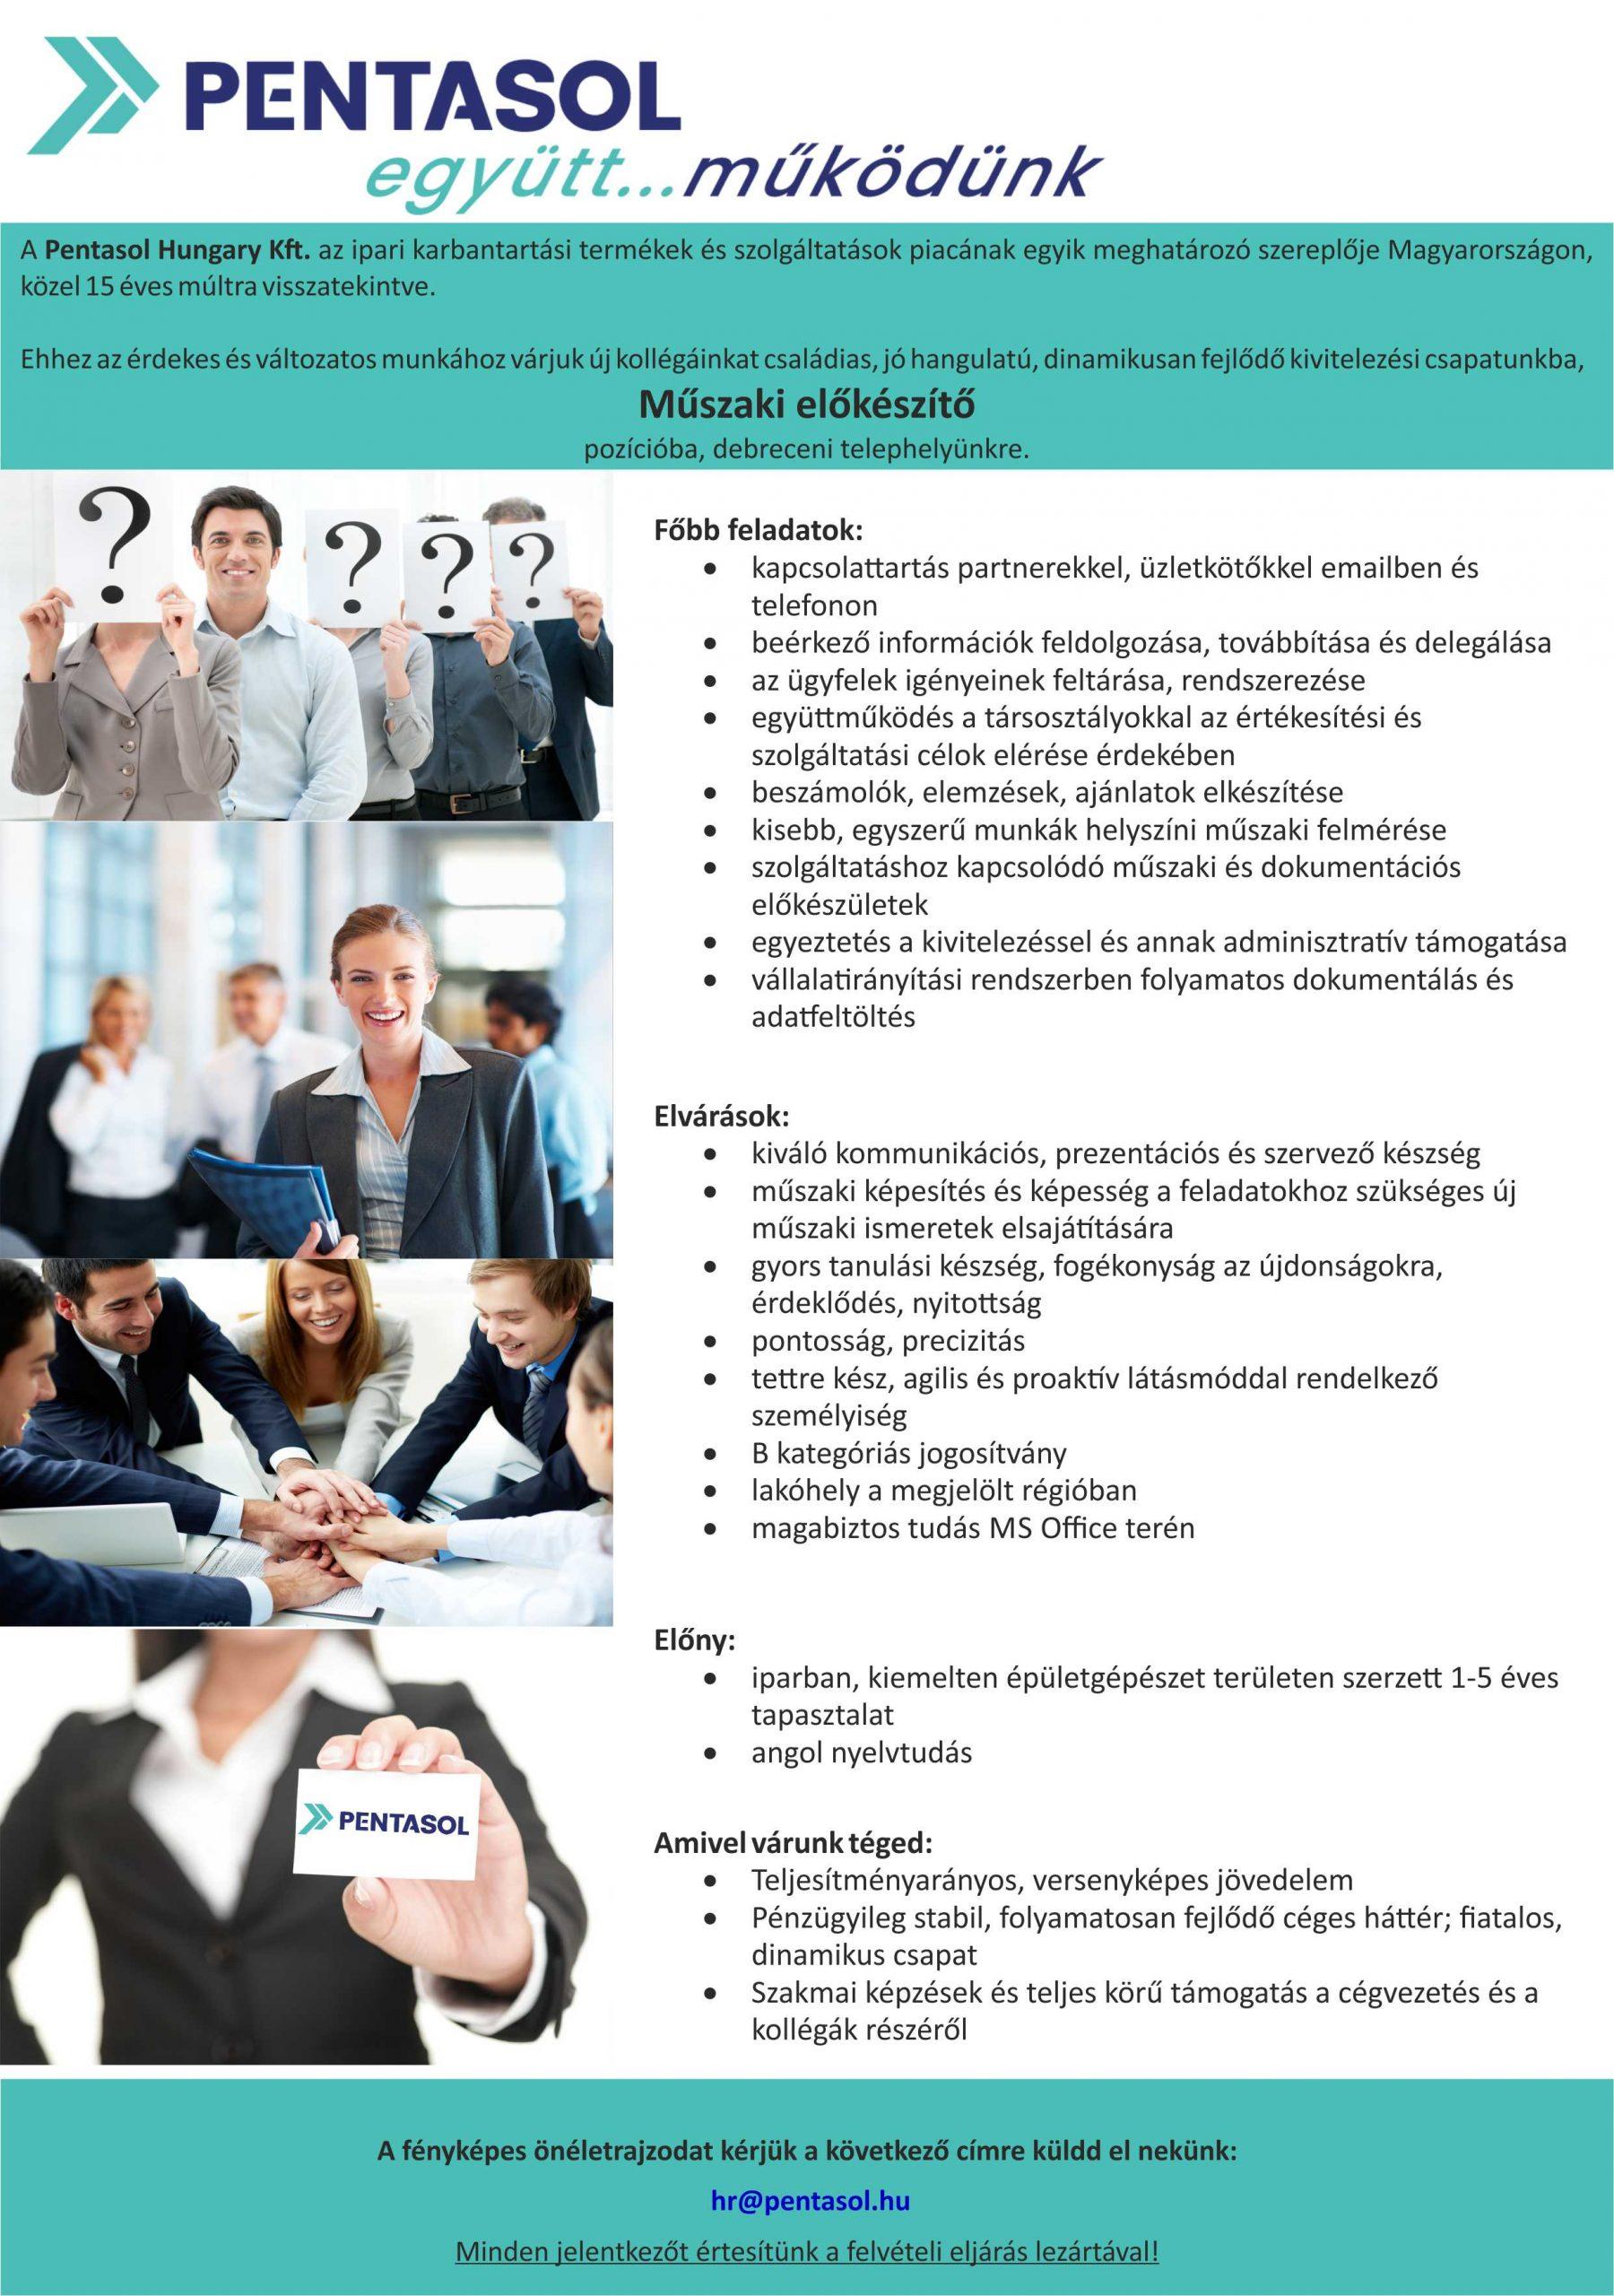 Műszaki előkészítő kollégát keresünk